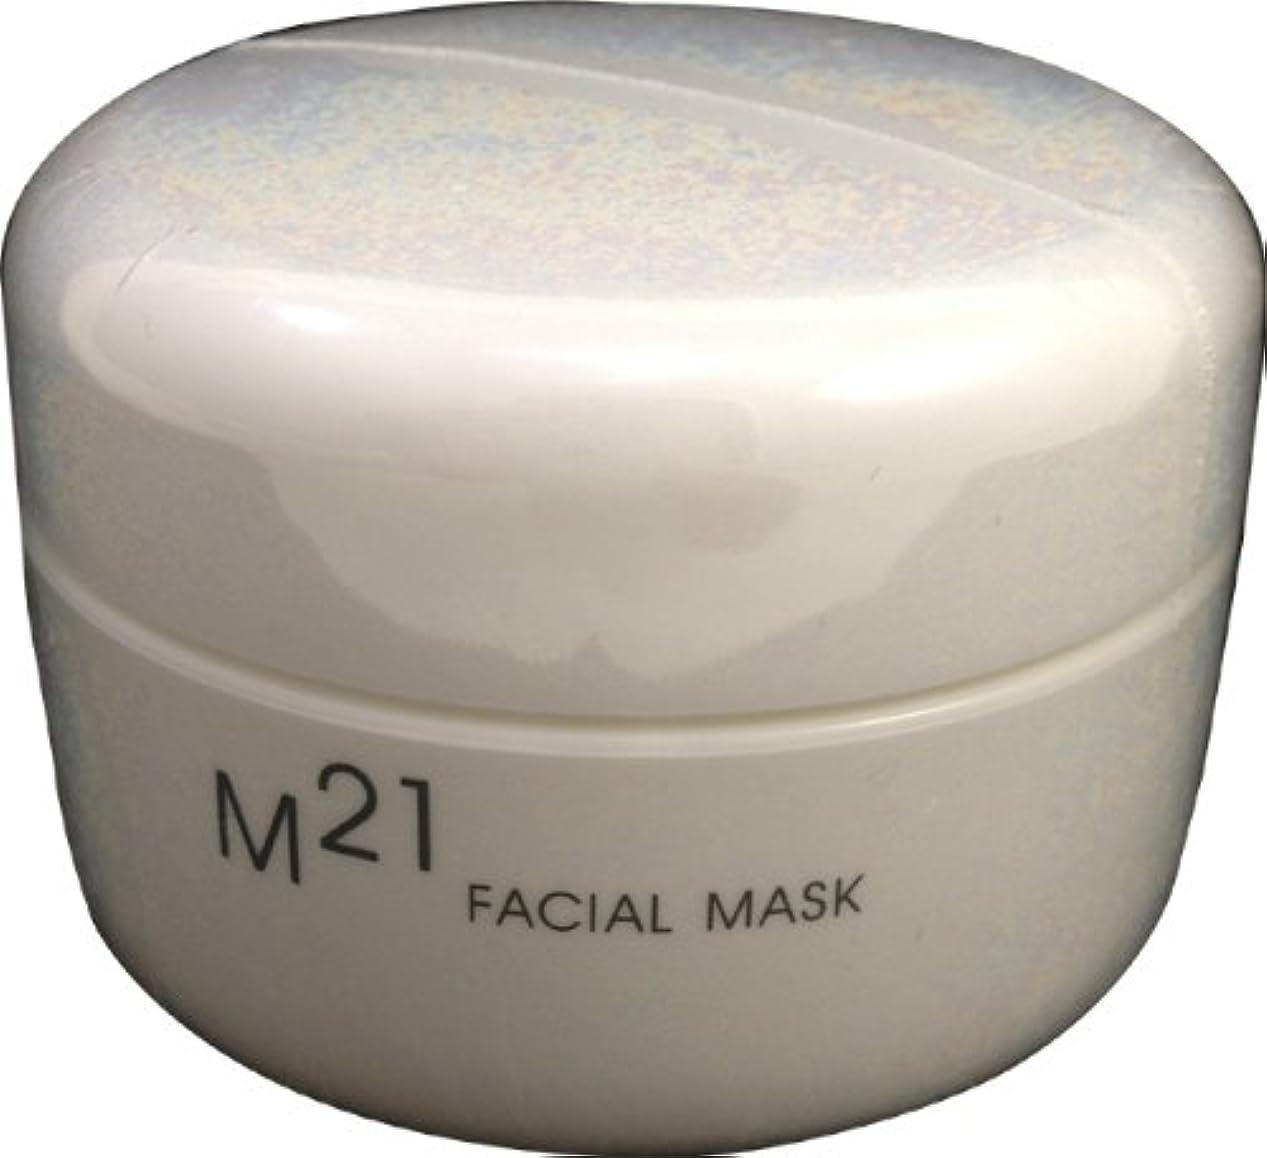 最愛の鎮痛剤祝福するM21フェイシャルマスク <パック>自然化粧品M21